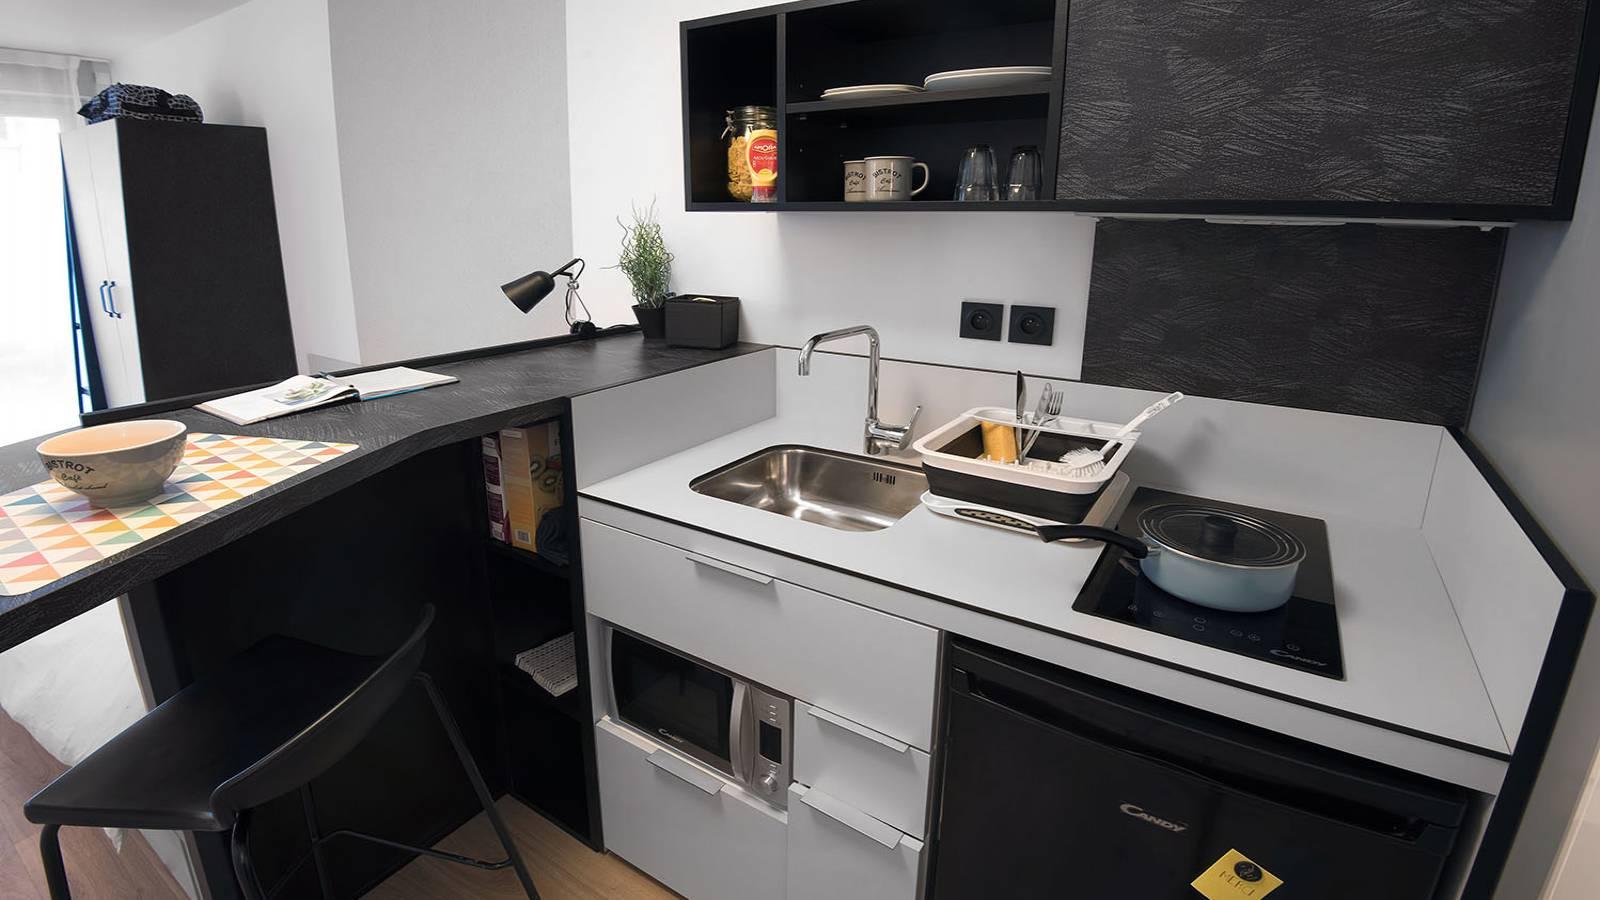 Studio kitchen area